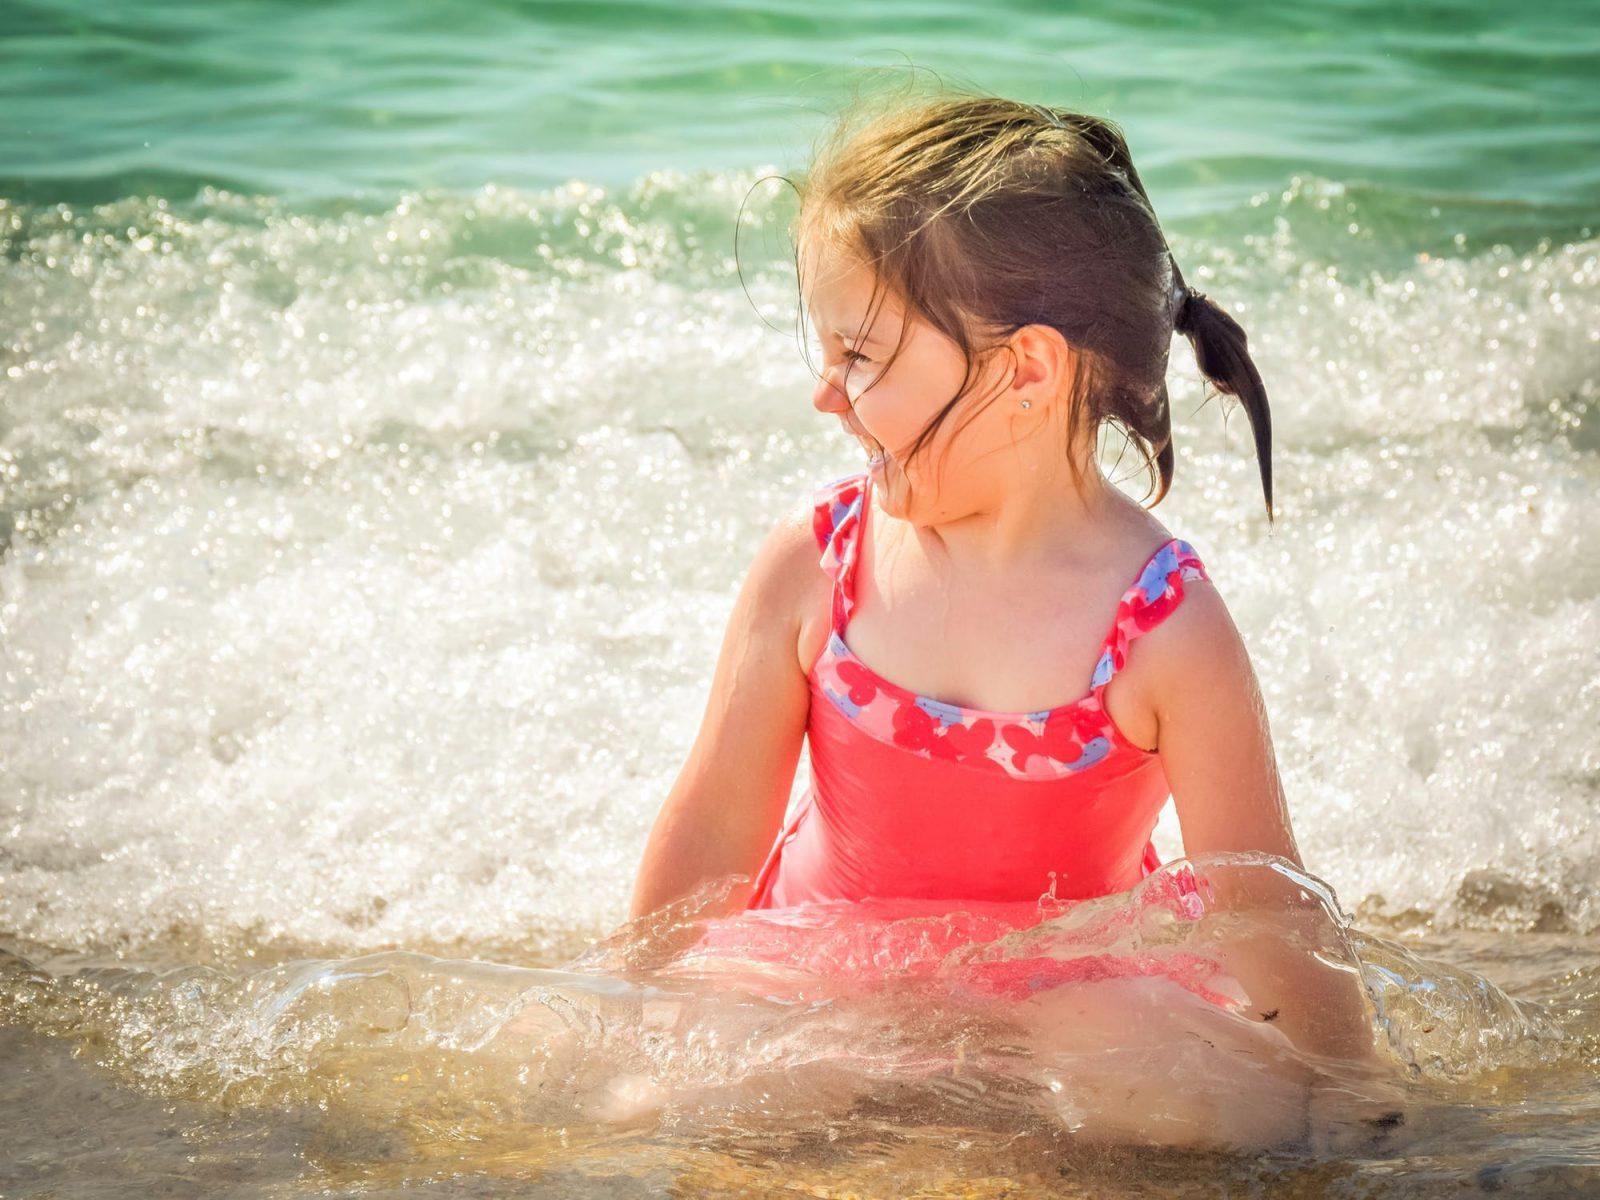 Hány hónapos kortól strandolhat a baba? – A védőnő tanácsai